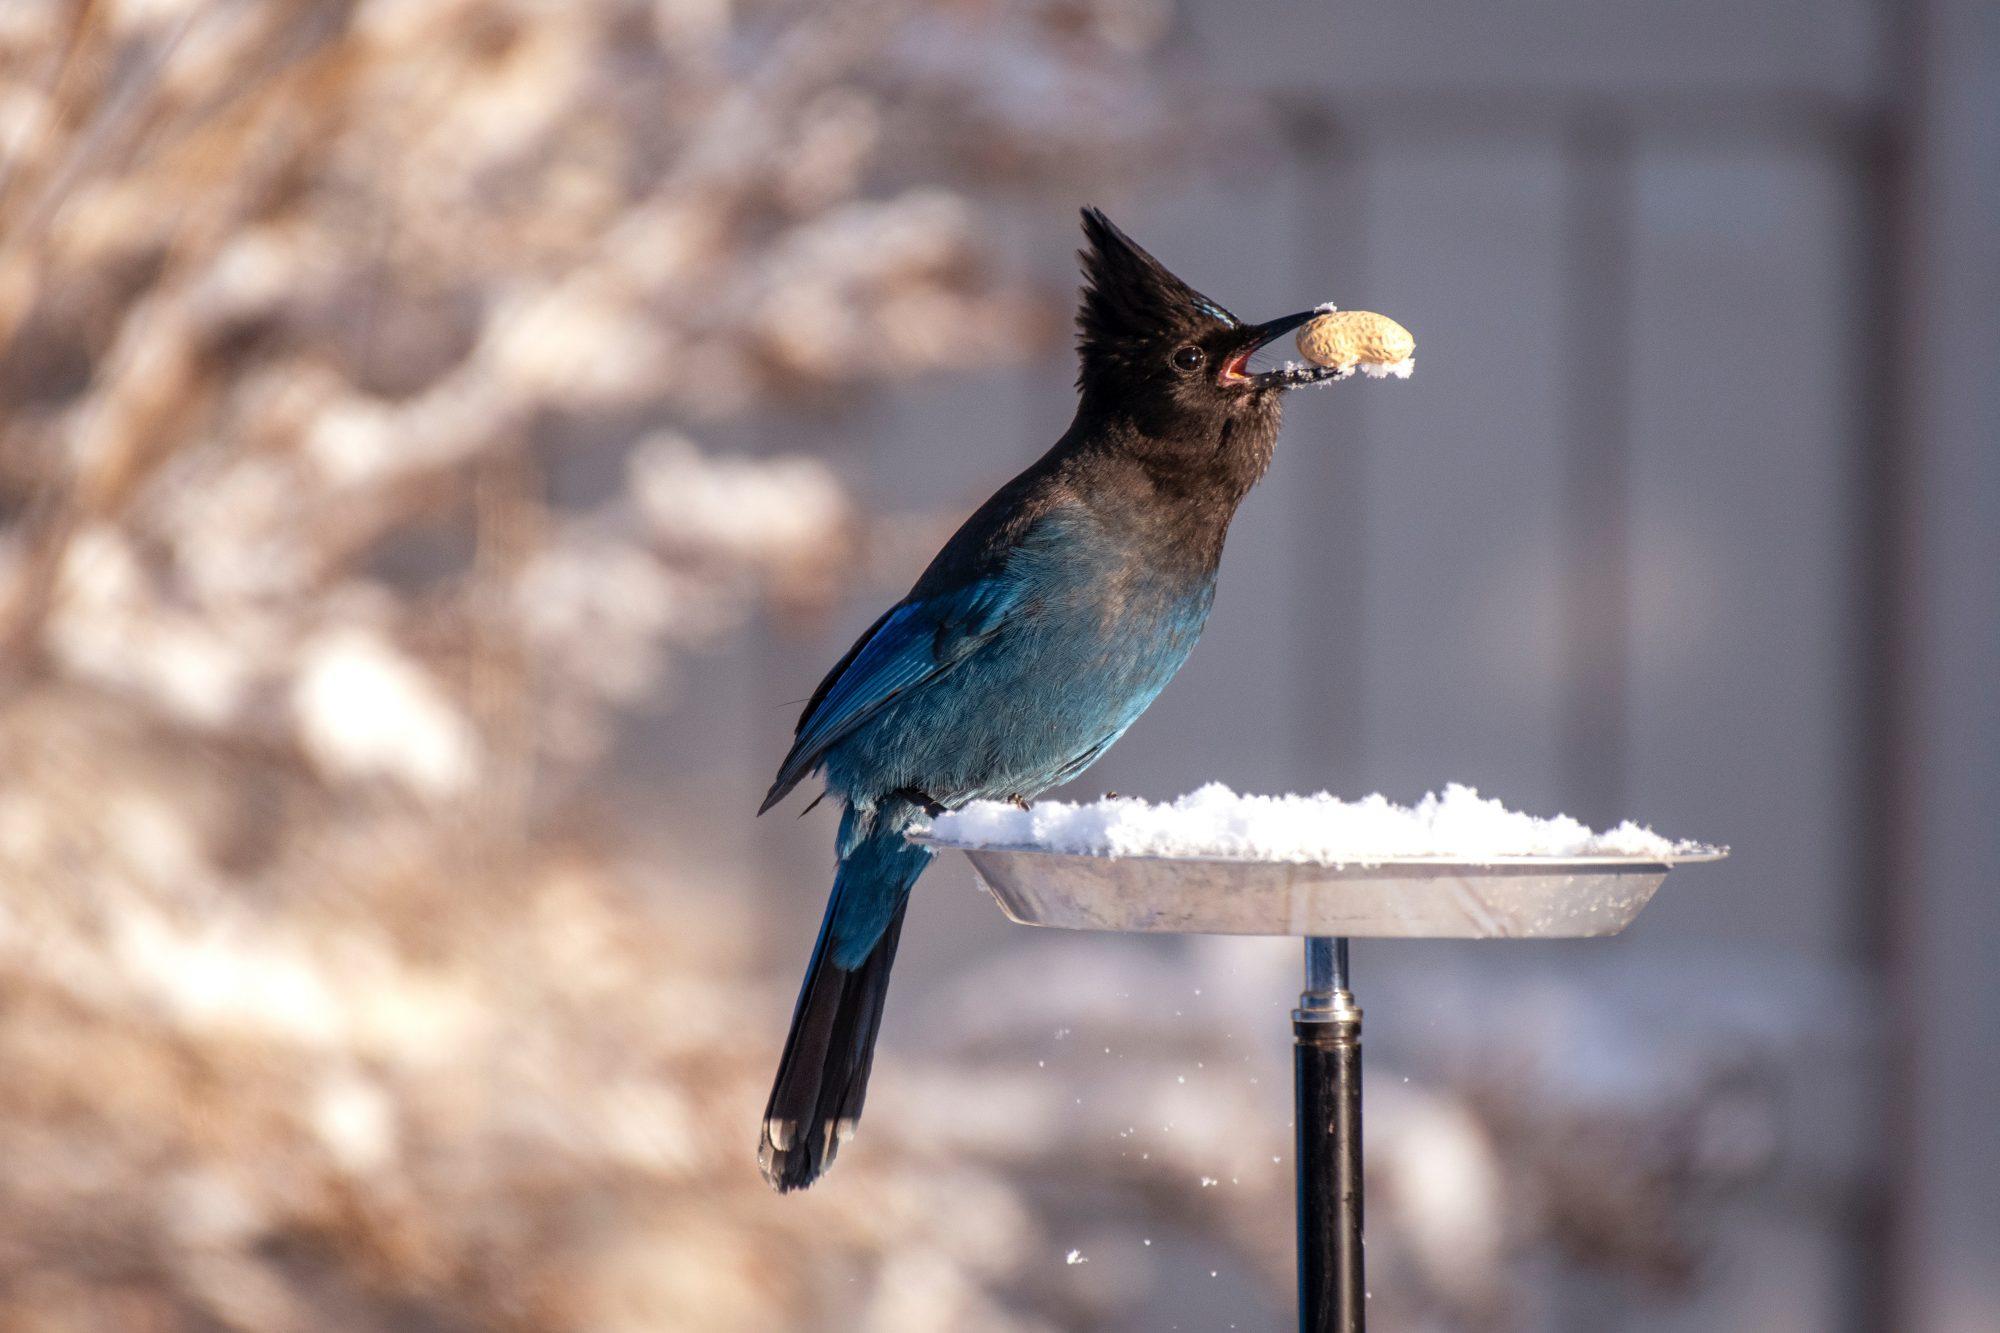 steller-s-jay-found-a-peanut-on-a-snow-3379017